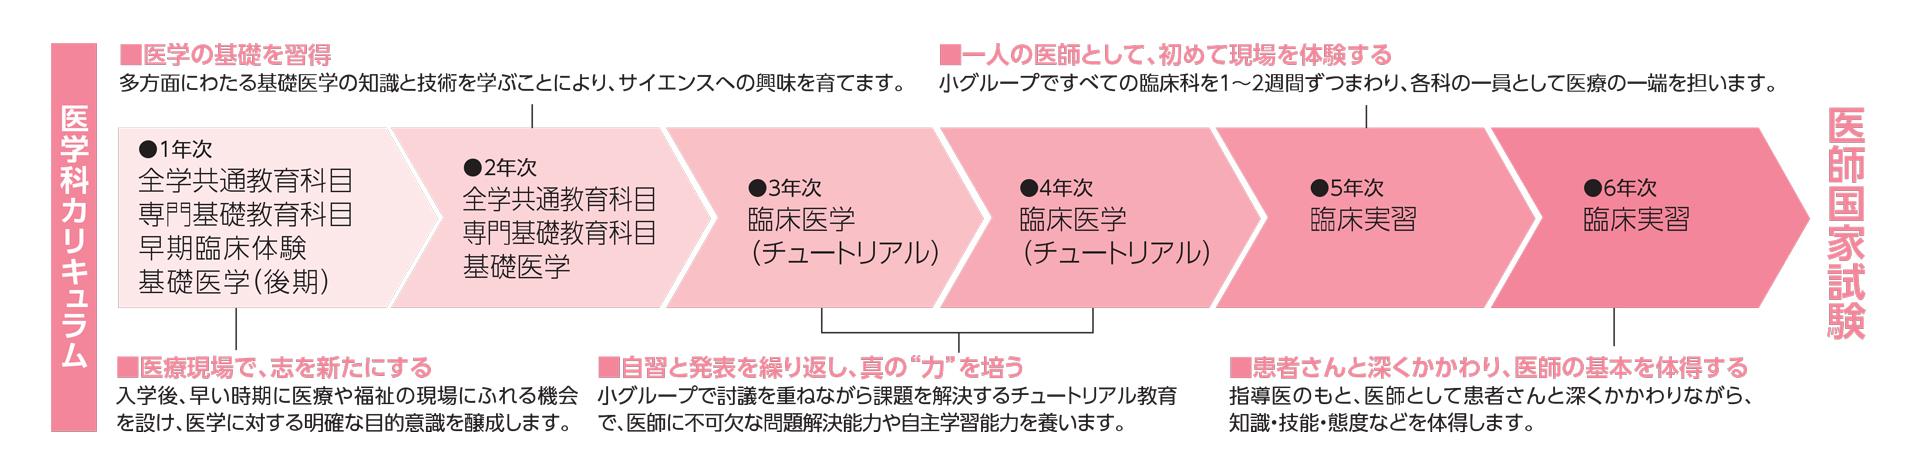 医学部カリキュラムチャート図